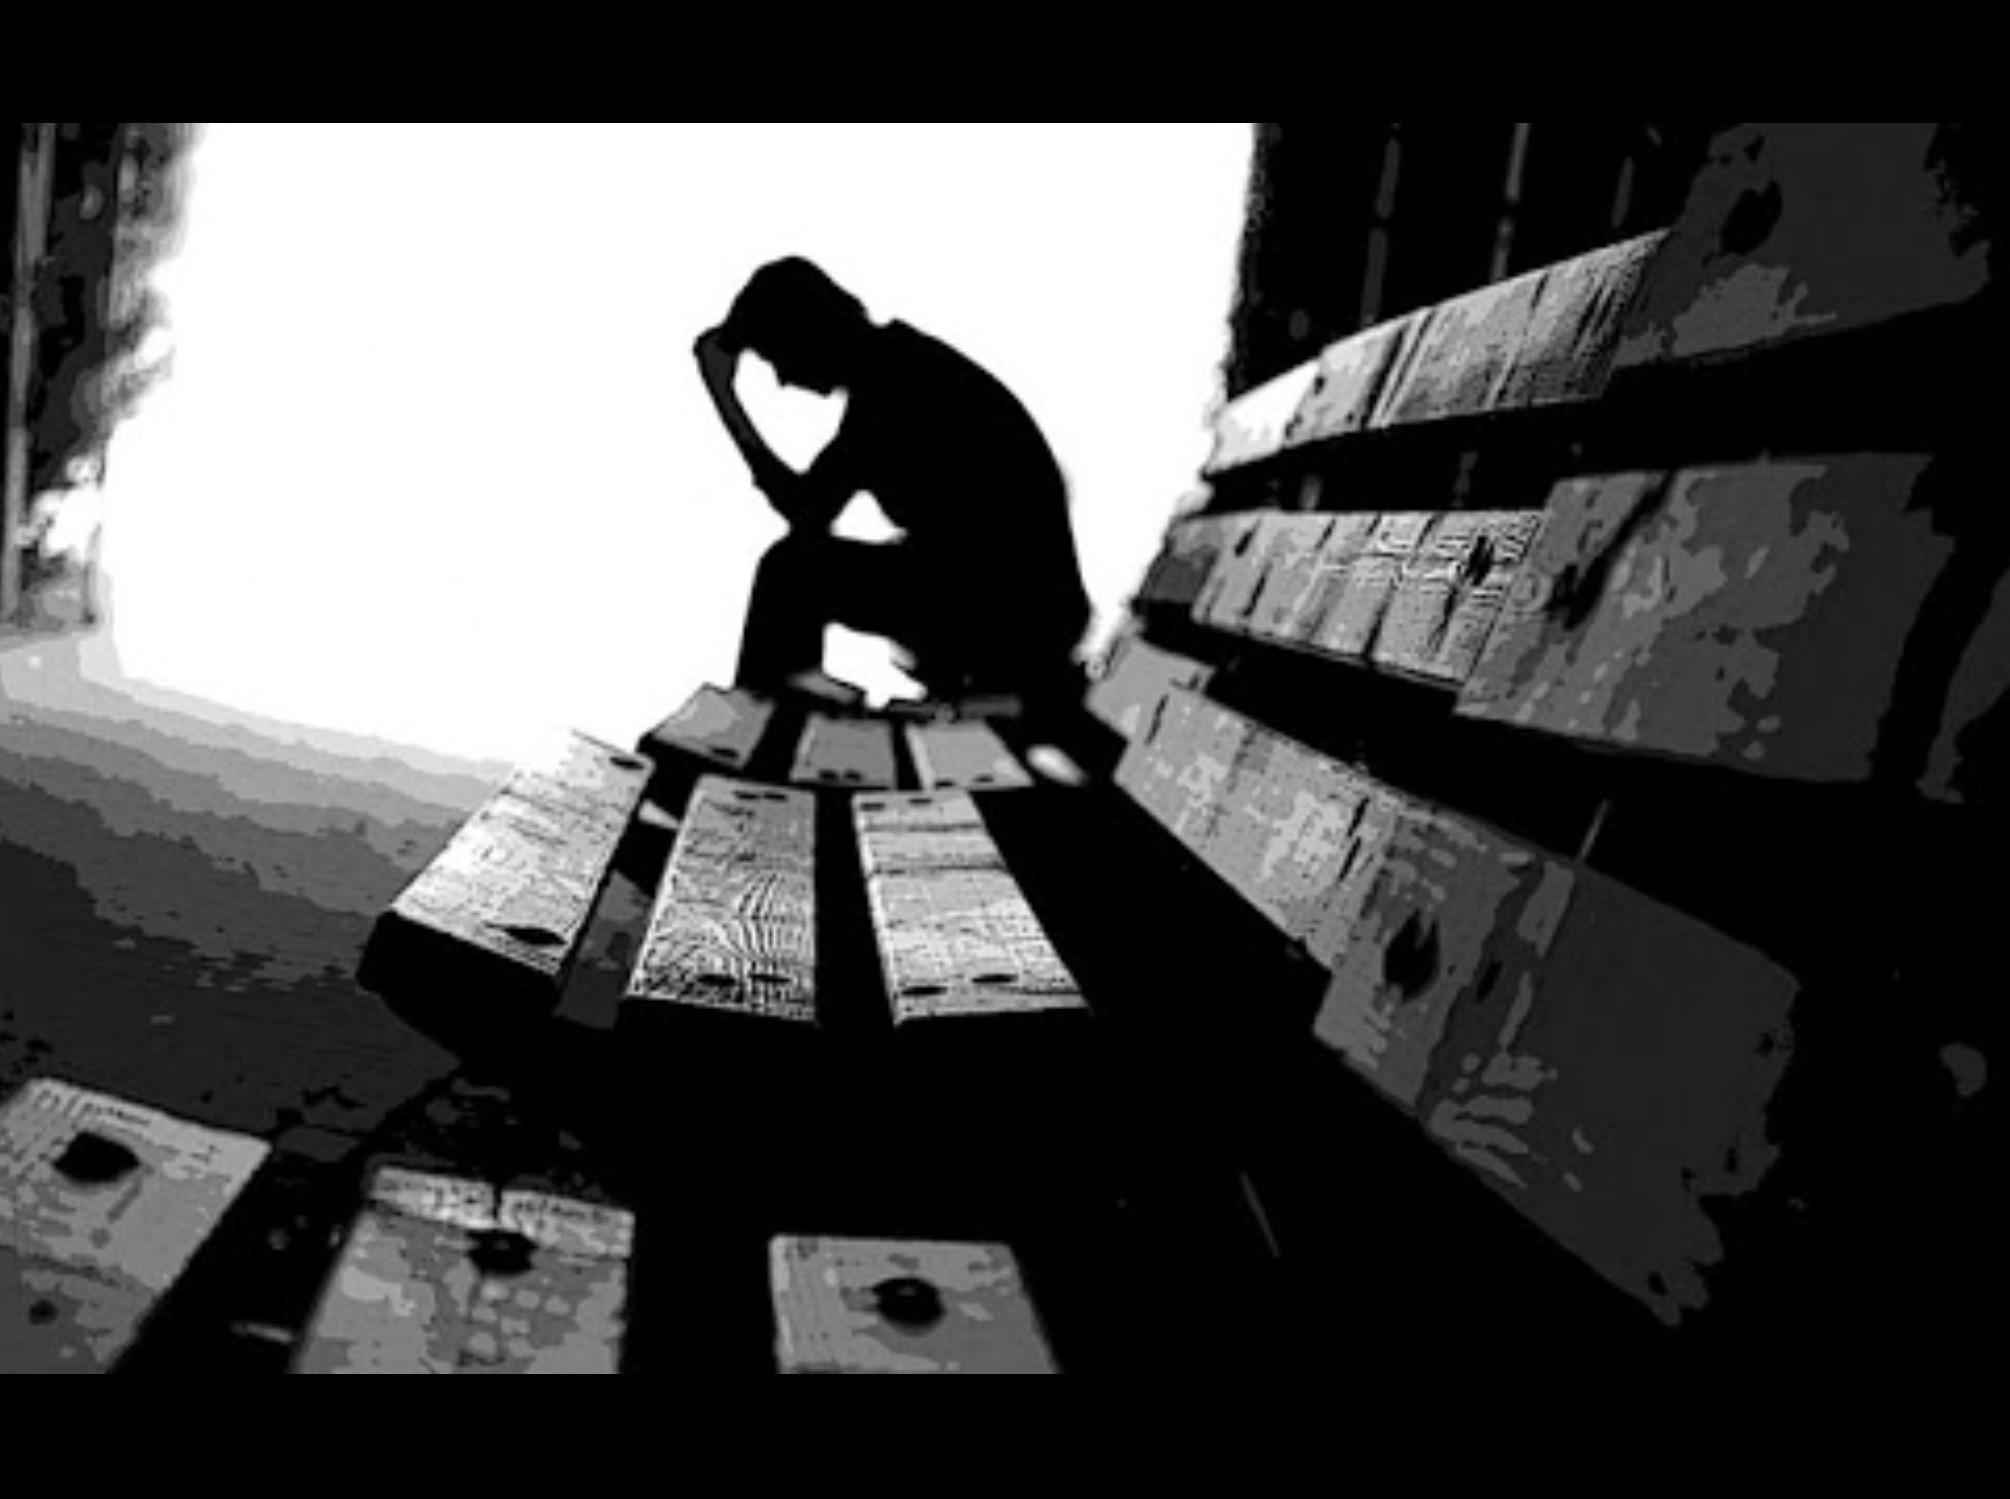 Niños y jóvenes, los más propensos al suicidio en Edoméx